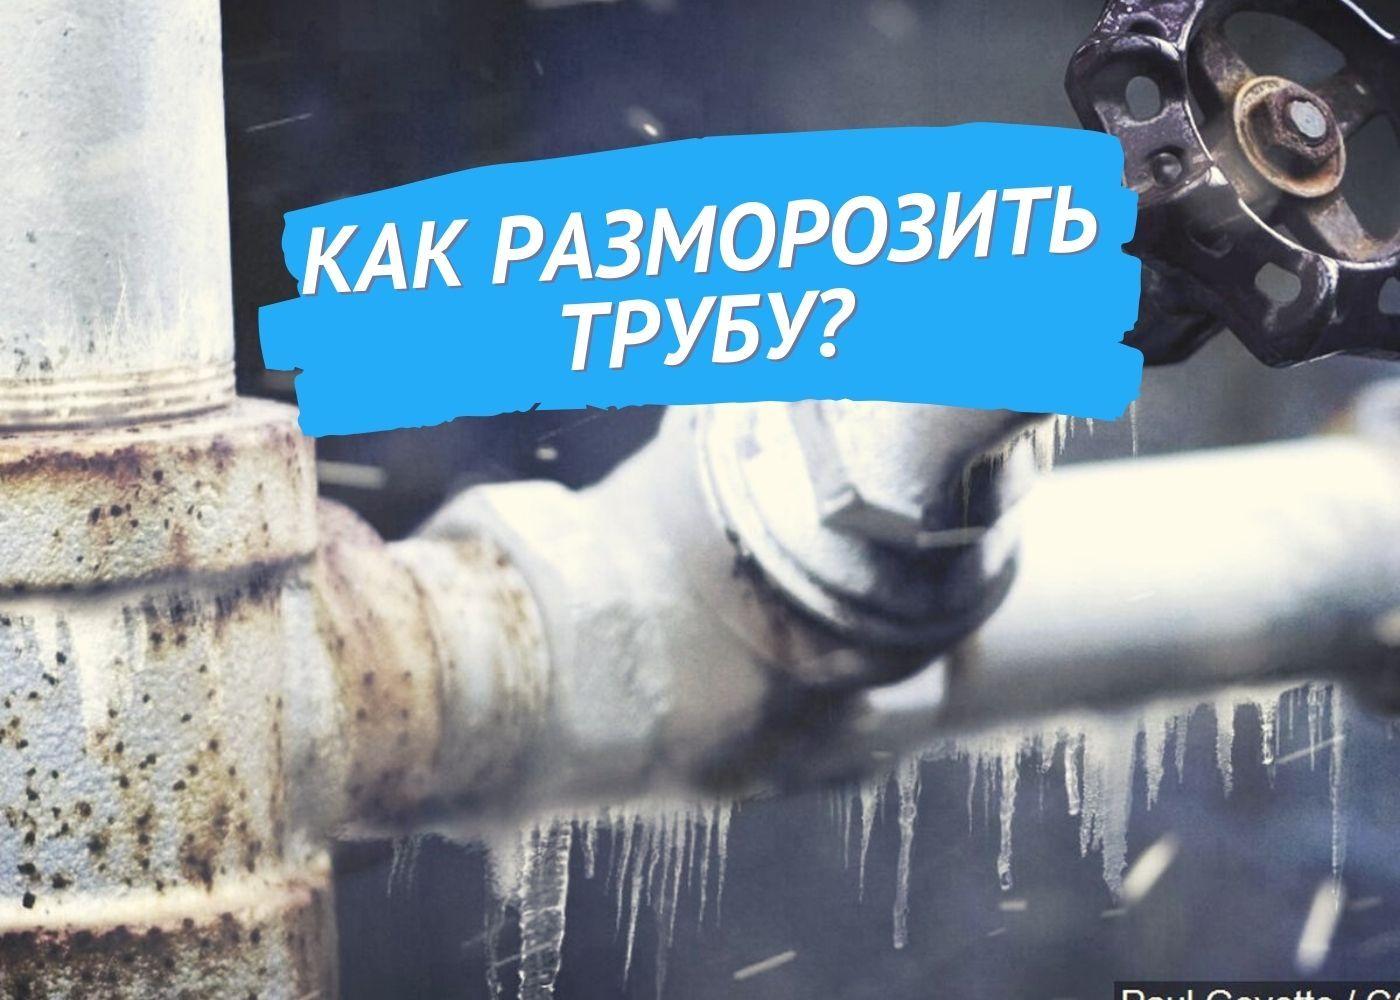 Как разморозить трубы?